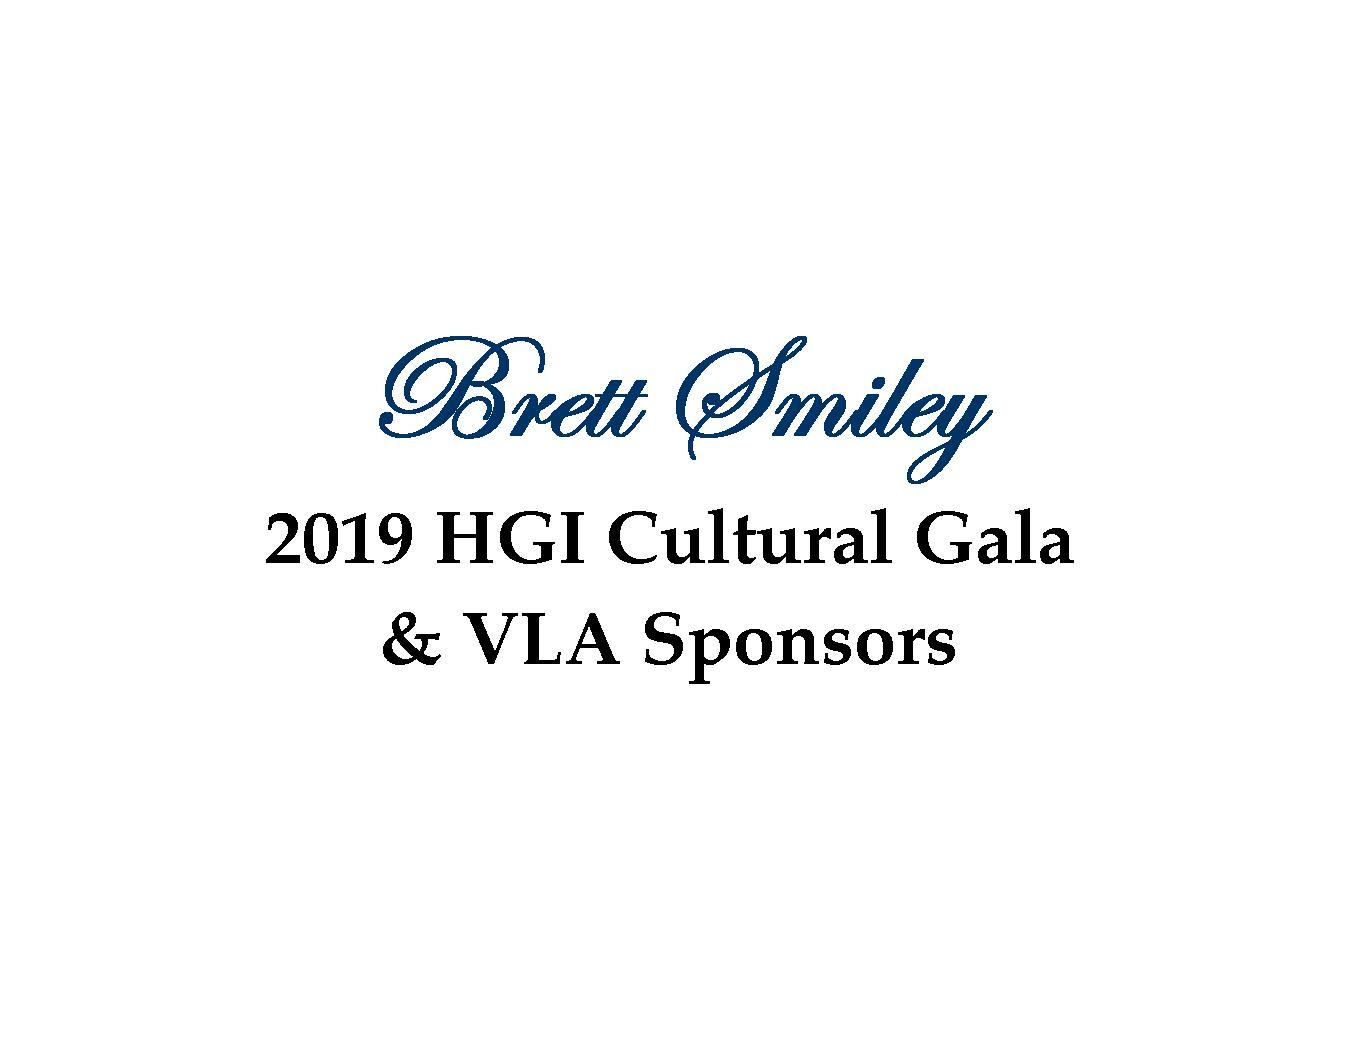 BRETT SMILEY_Gala Sponsors2019.jpg